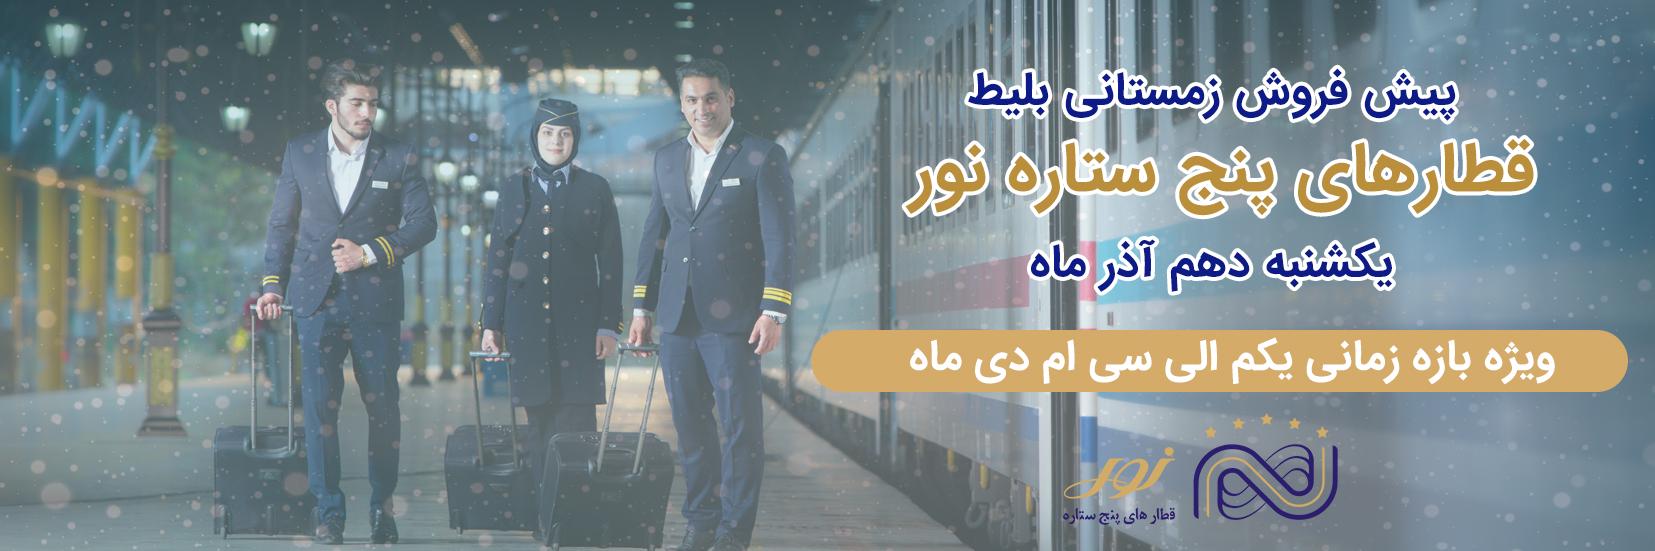 پیش فروش زمستانی بلیط قطارهای شرکت حمل و نقل ریلی نورالرضا